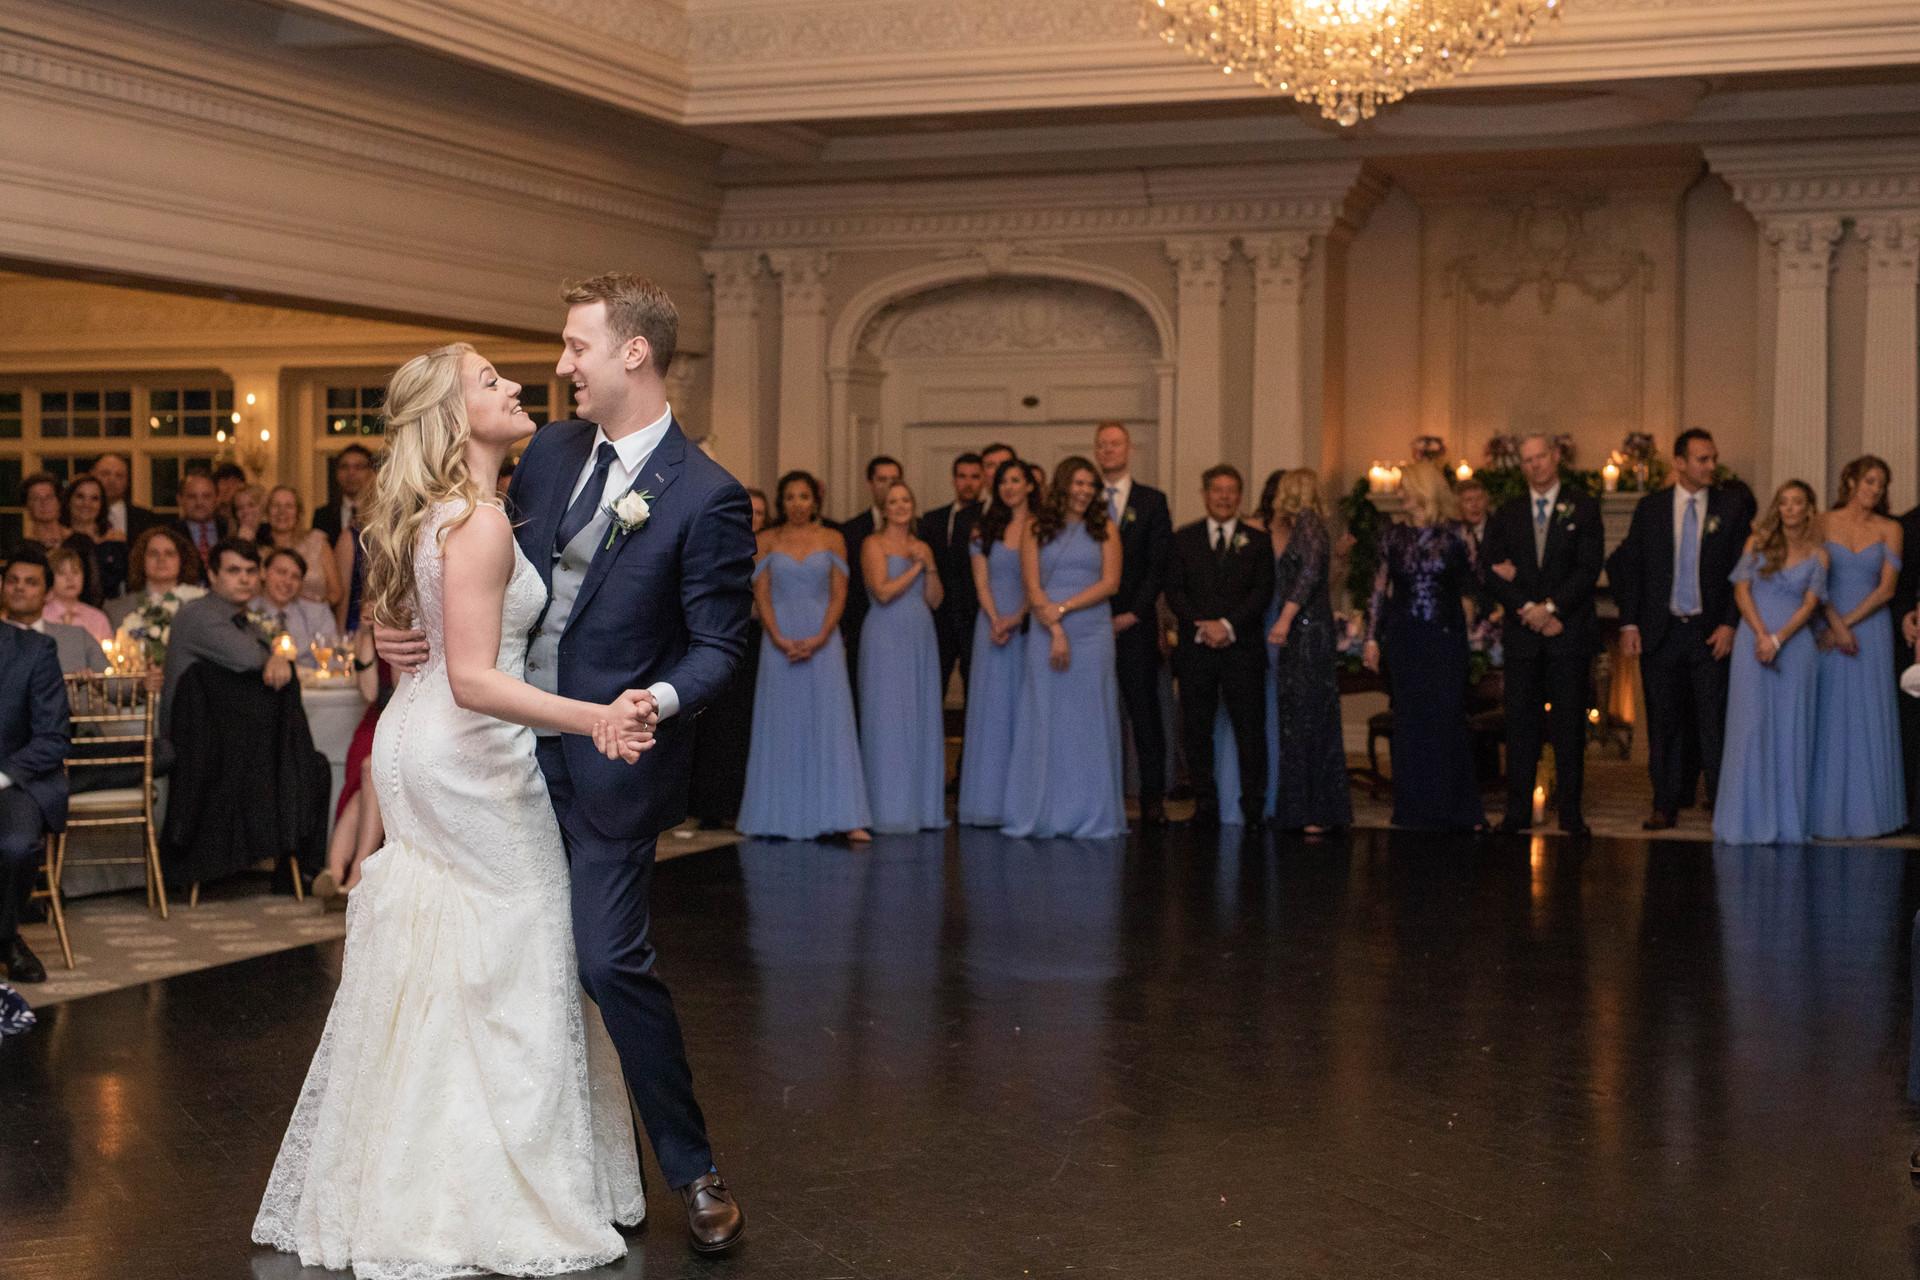 new-jersey-wedding-bride-groom-dancing-1